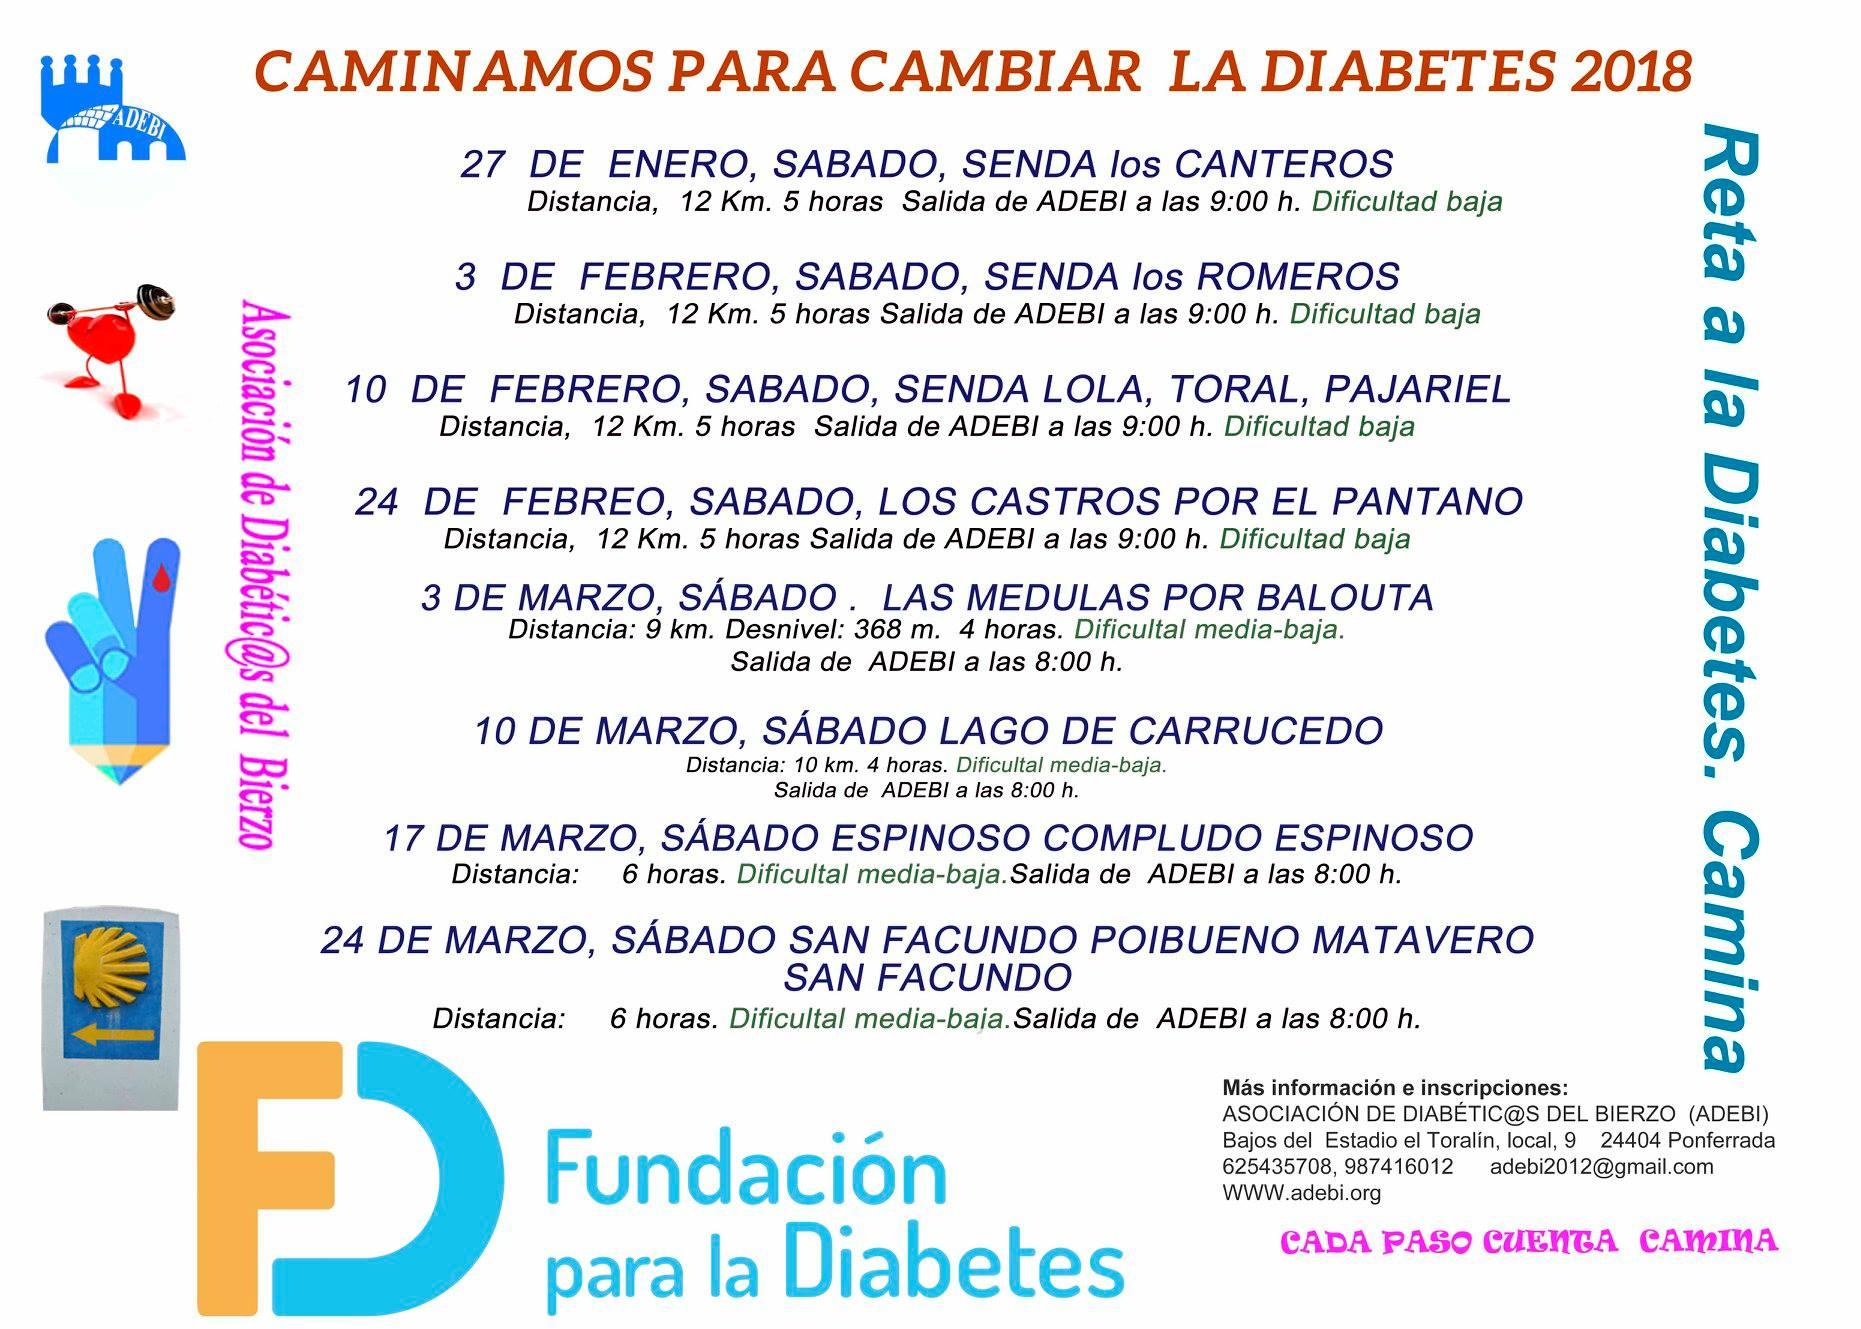 Camniando para cambiar la Diabetes